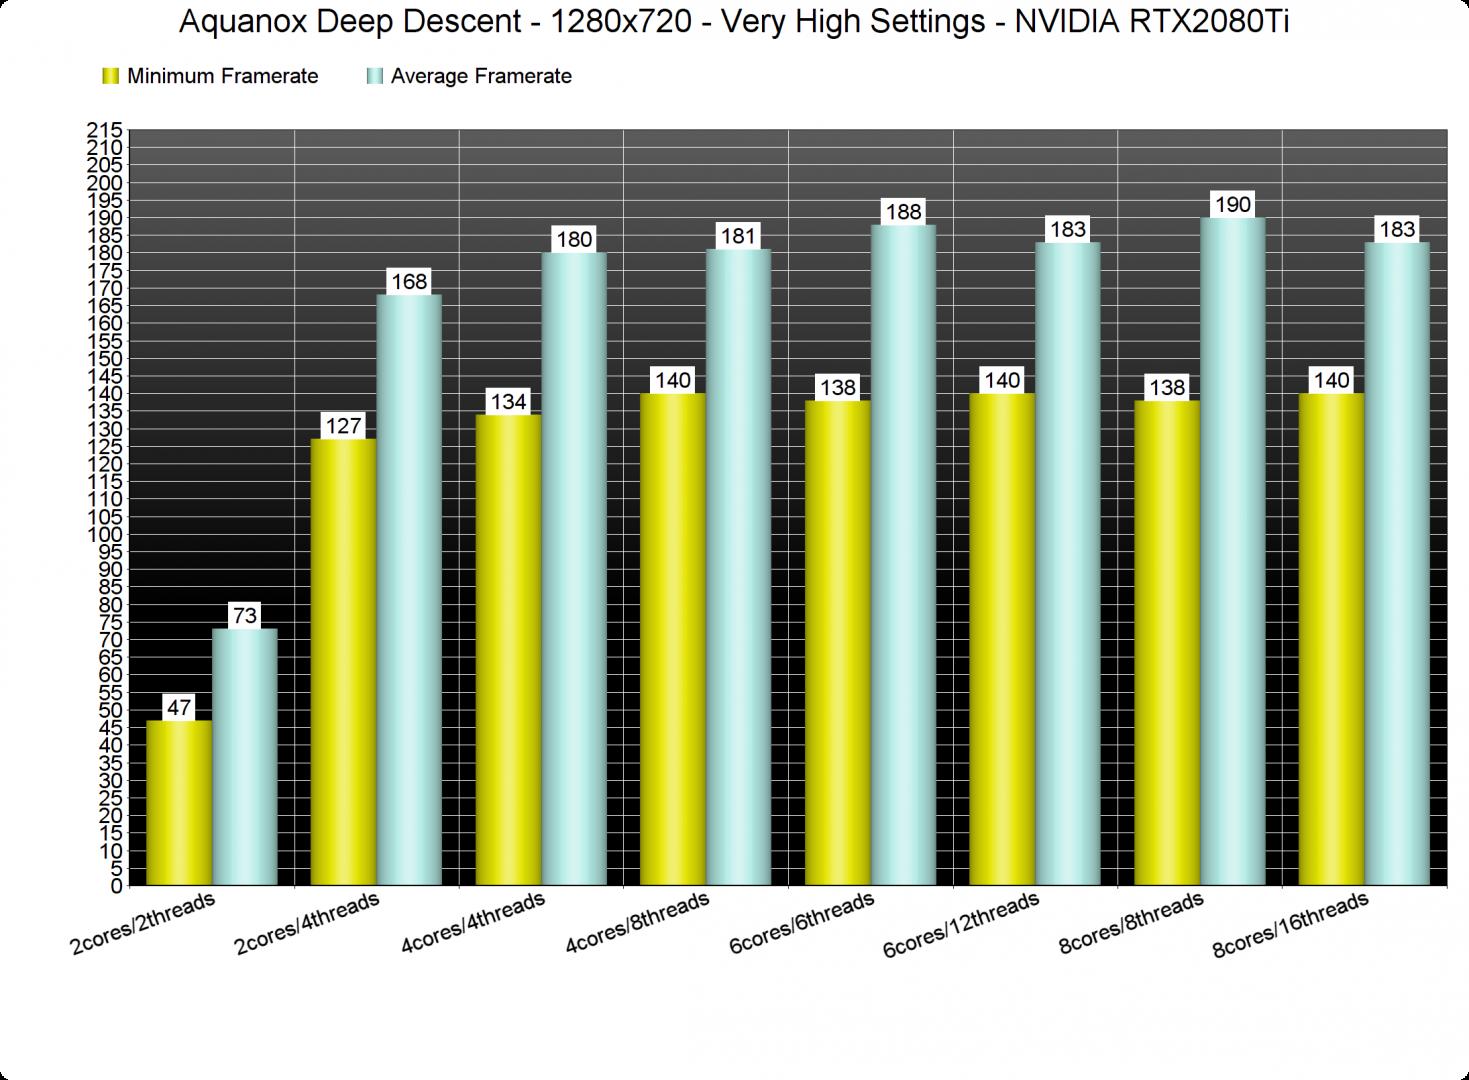 Aquanox Deep Descent CPU benchmarks-1